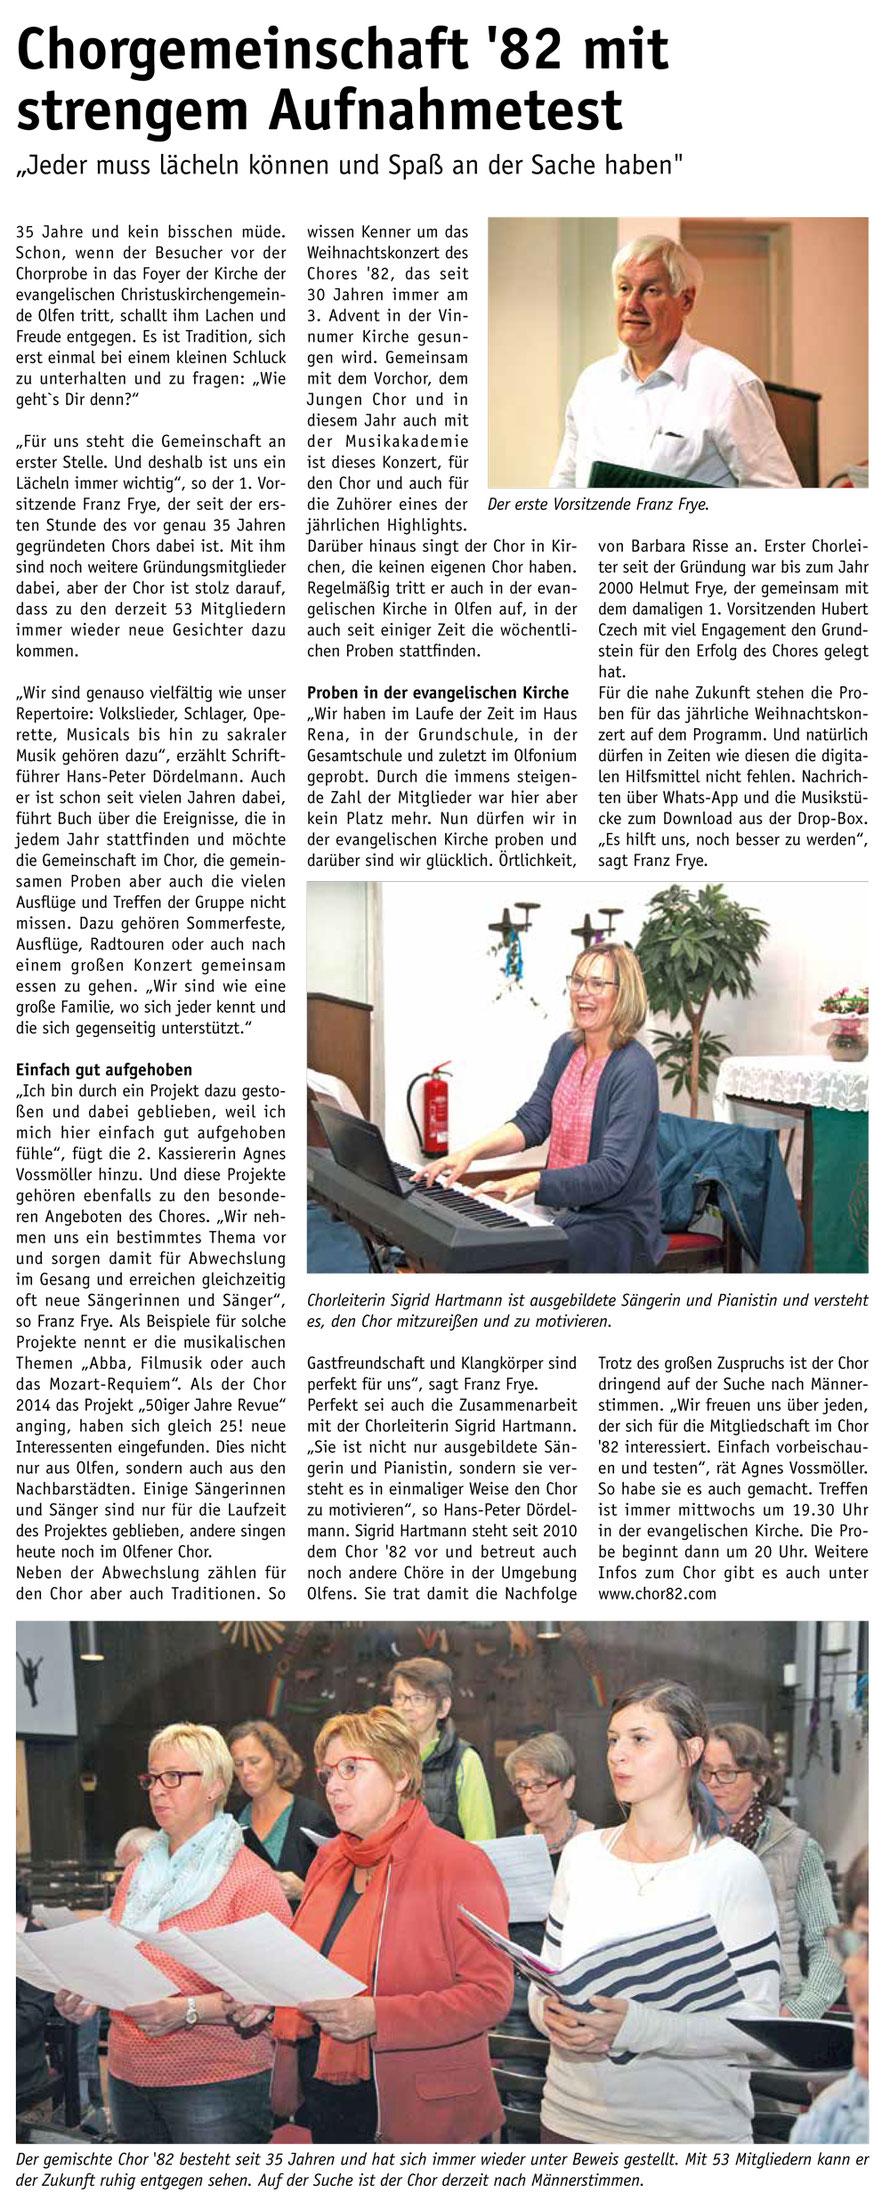 Foto: Olfener Staddtzeitung 2/2017